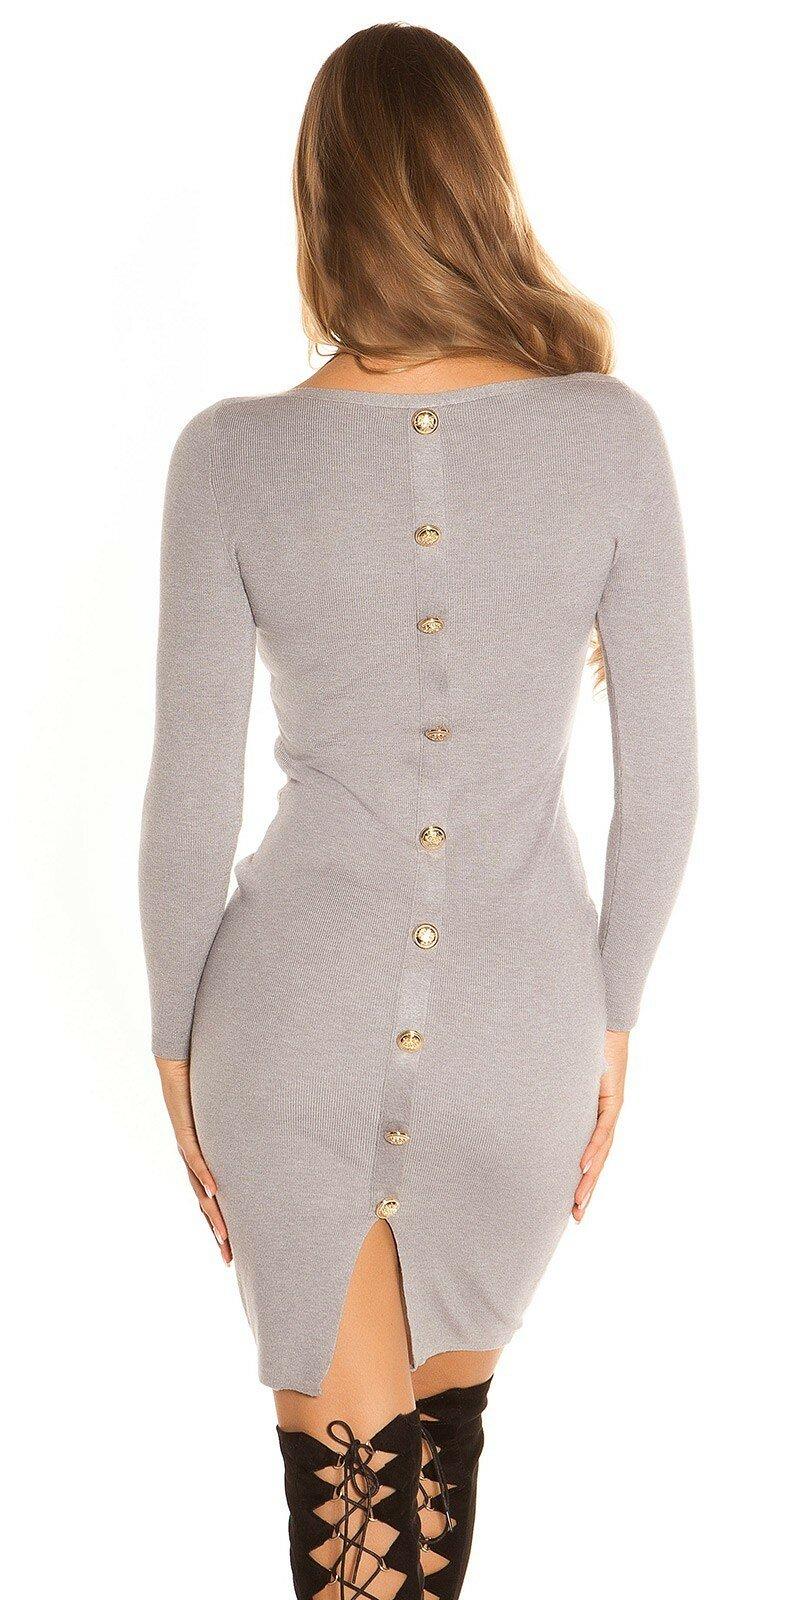 60aac1196 Pletené šaty s veľkými gombíkmi - NajlepsiaModa.sk